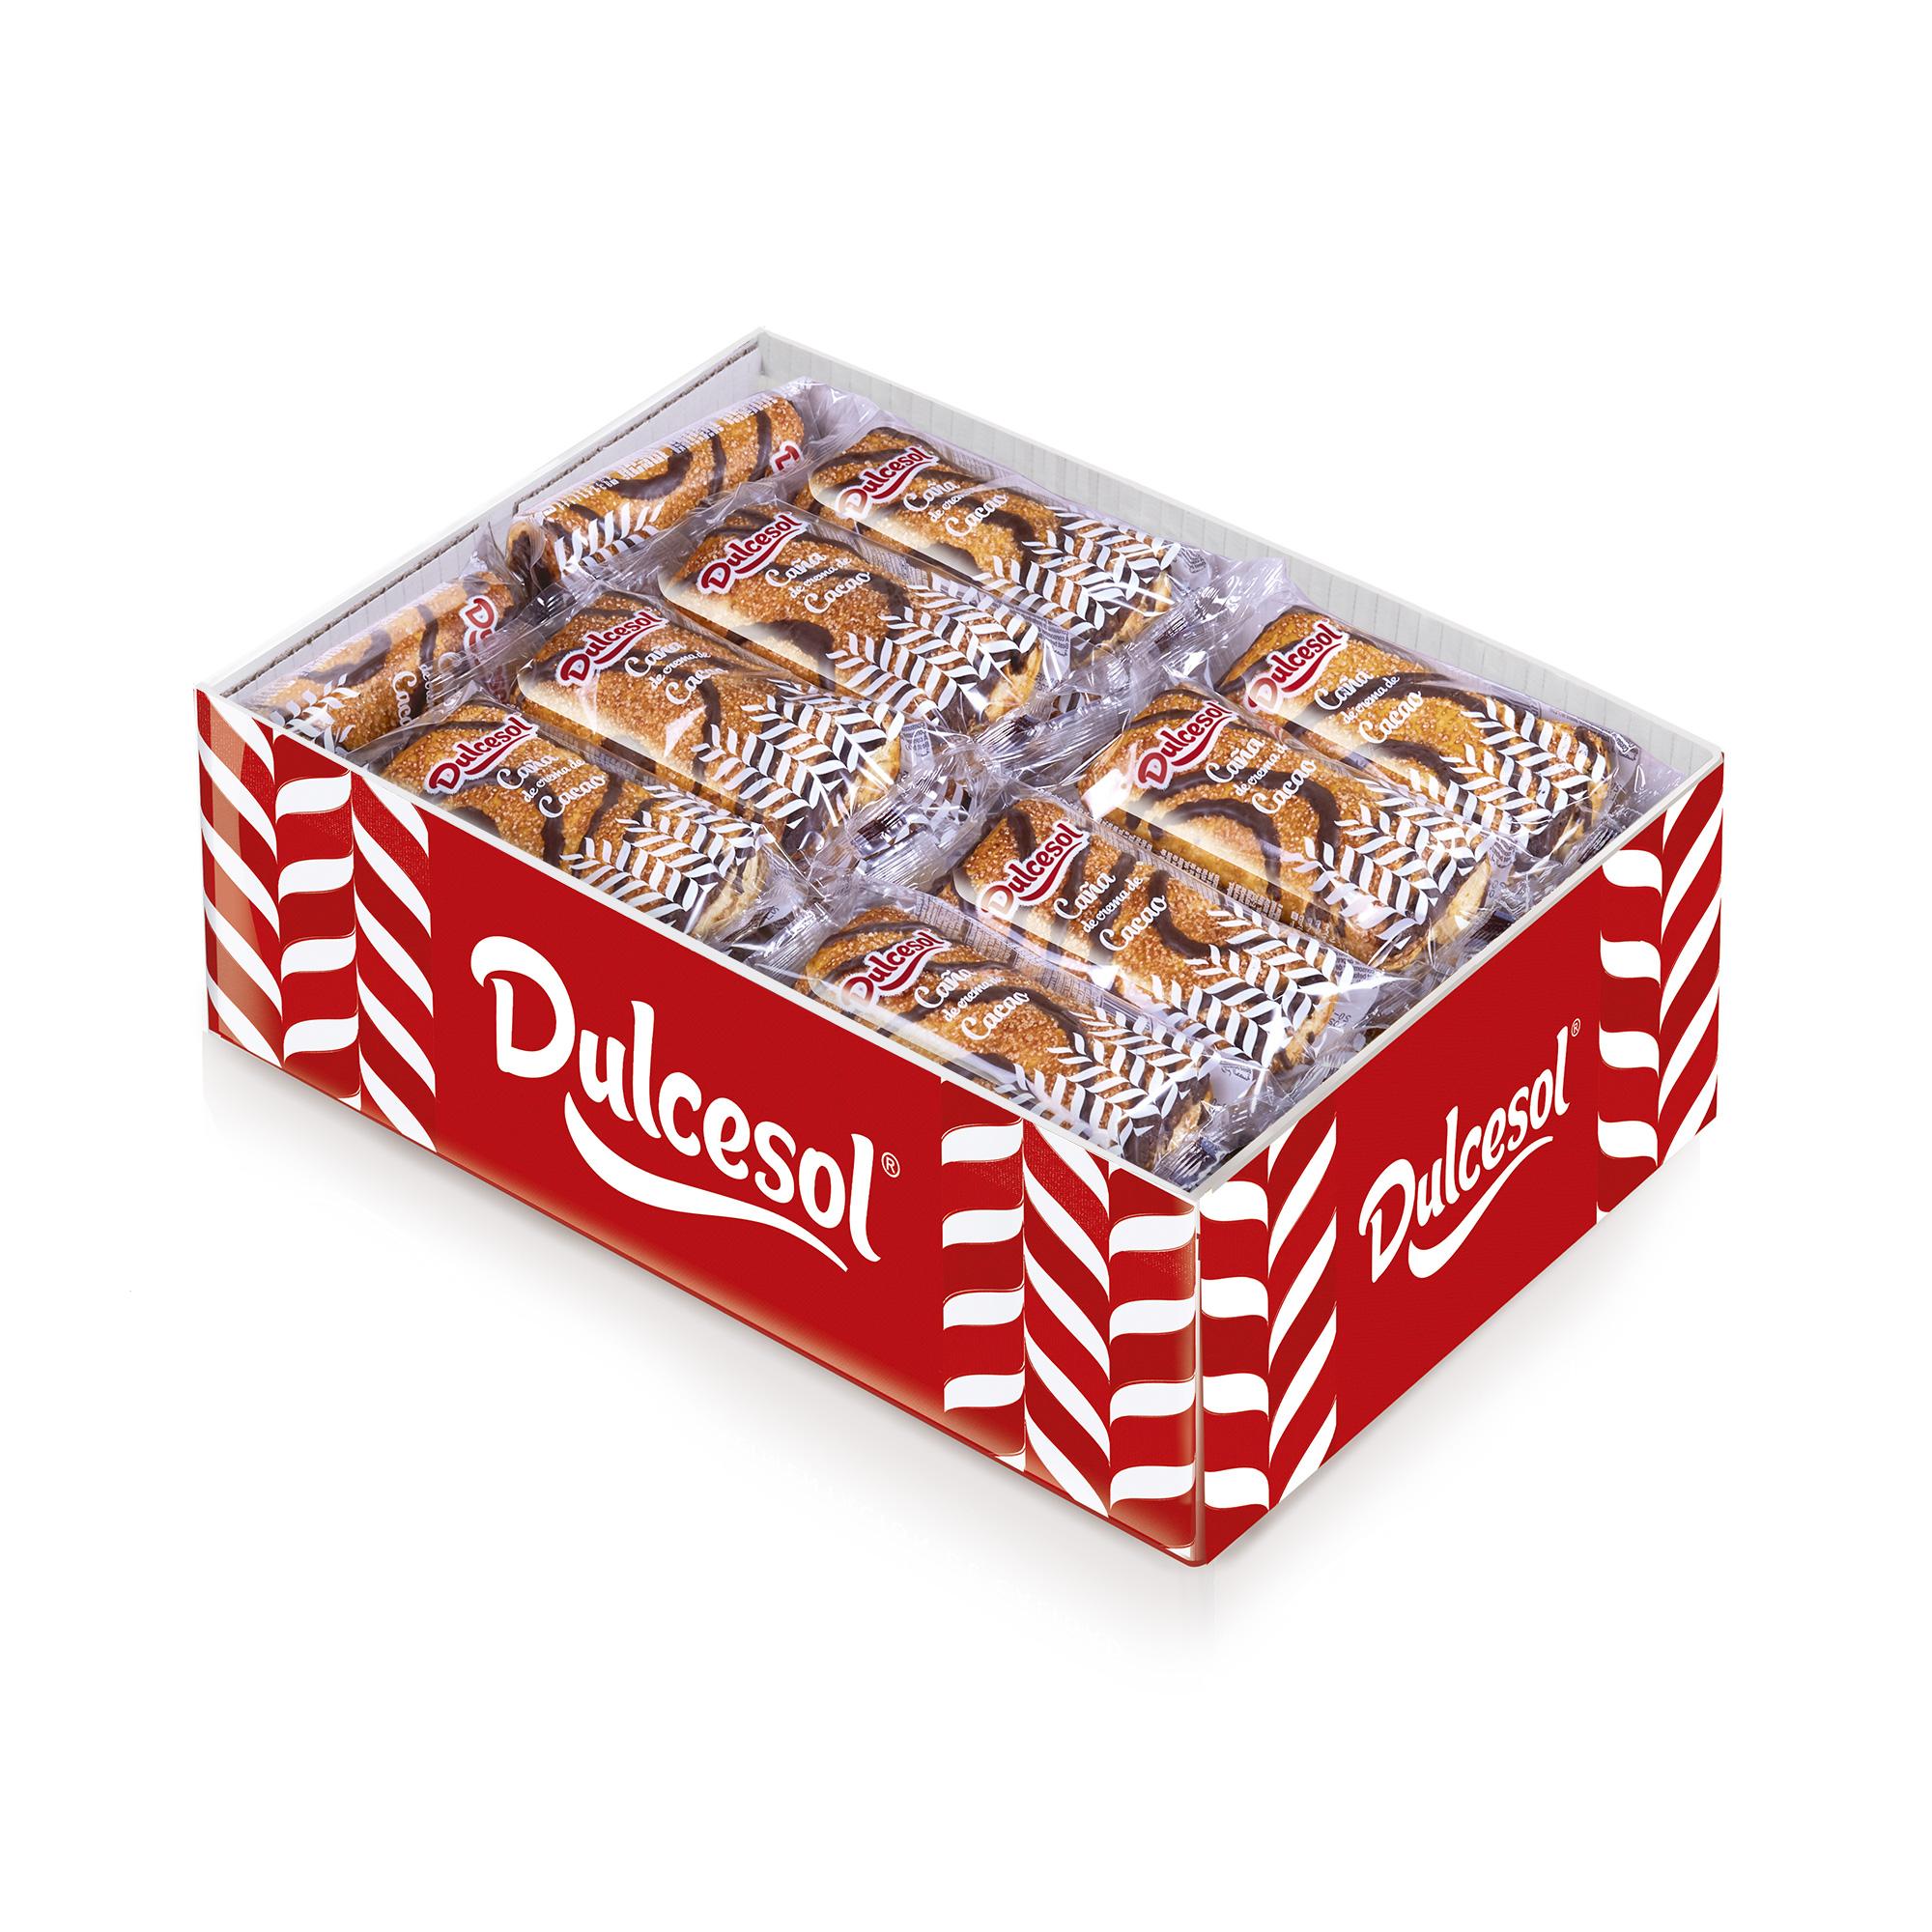 Canne Di Cacao - Box 2.5Kg